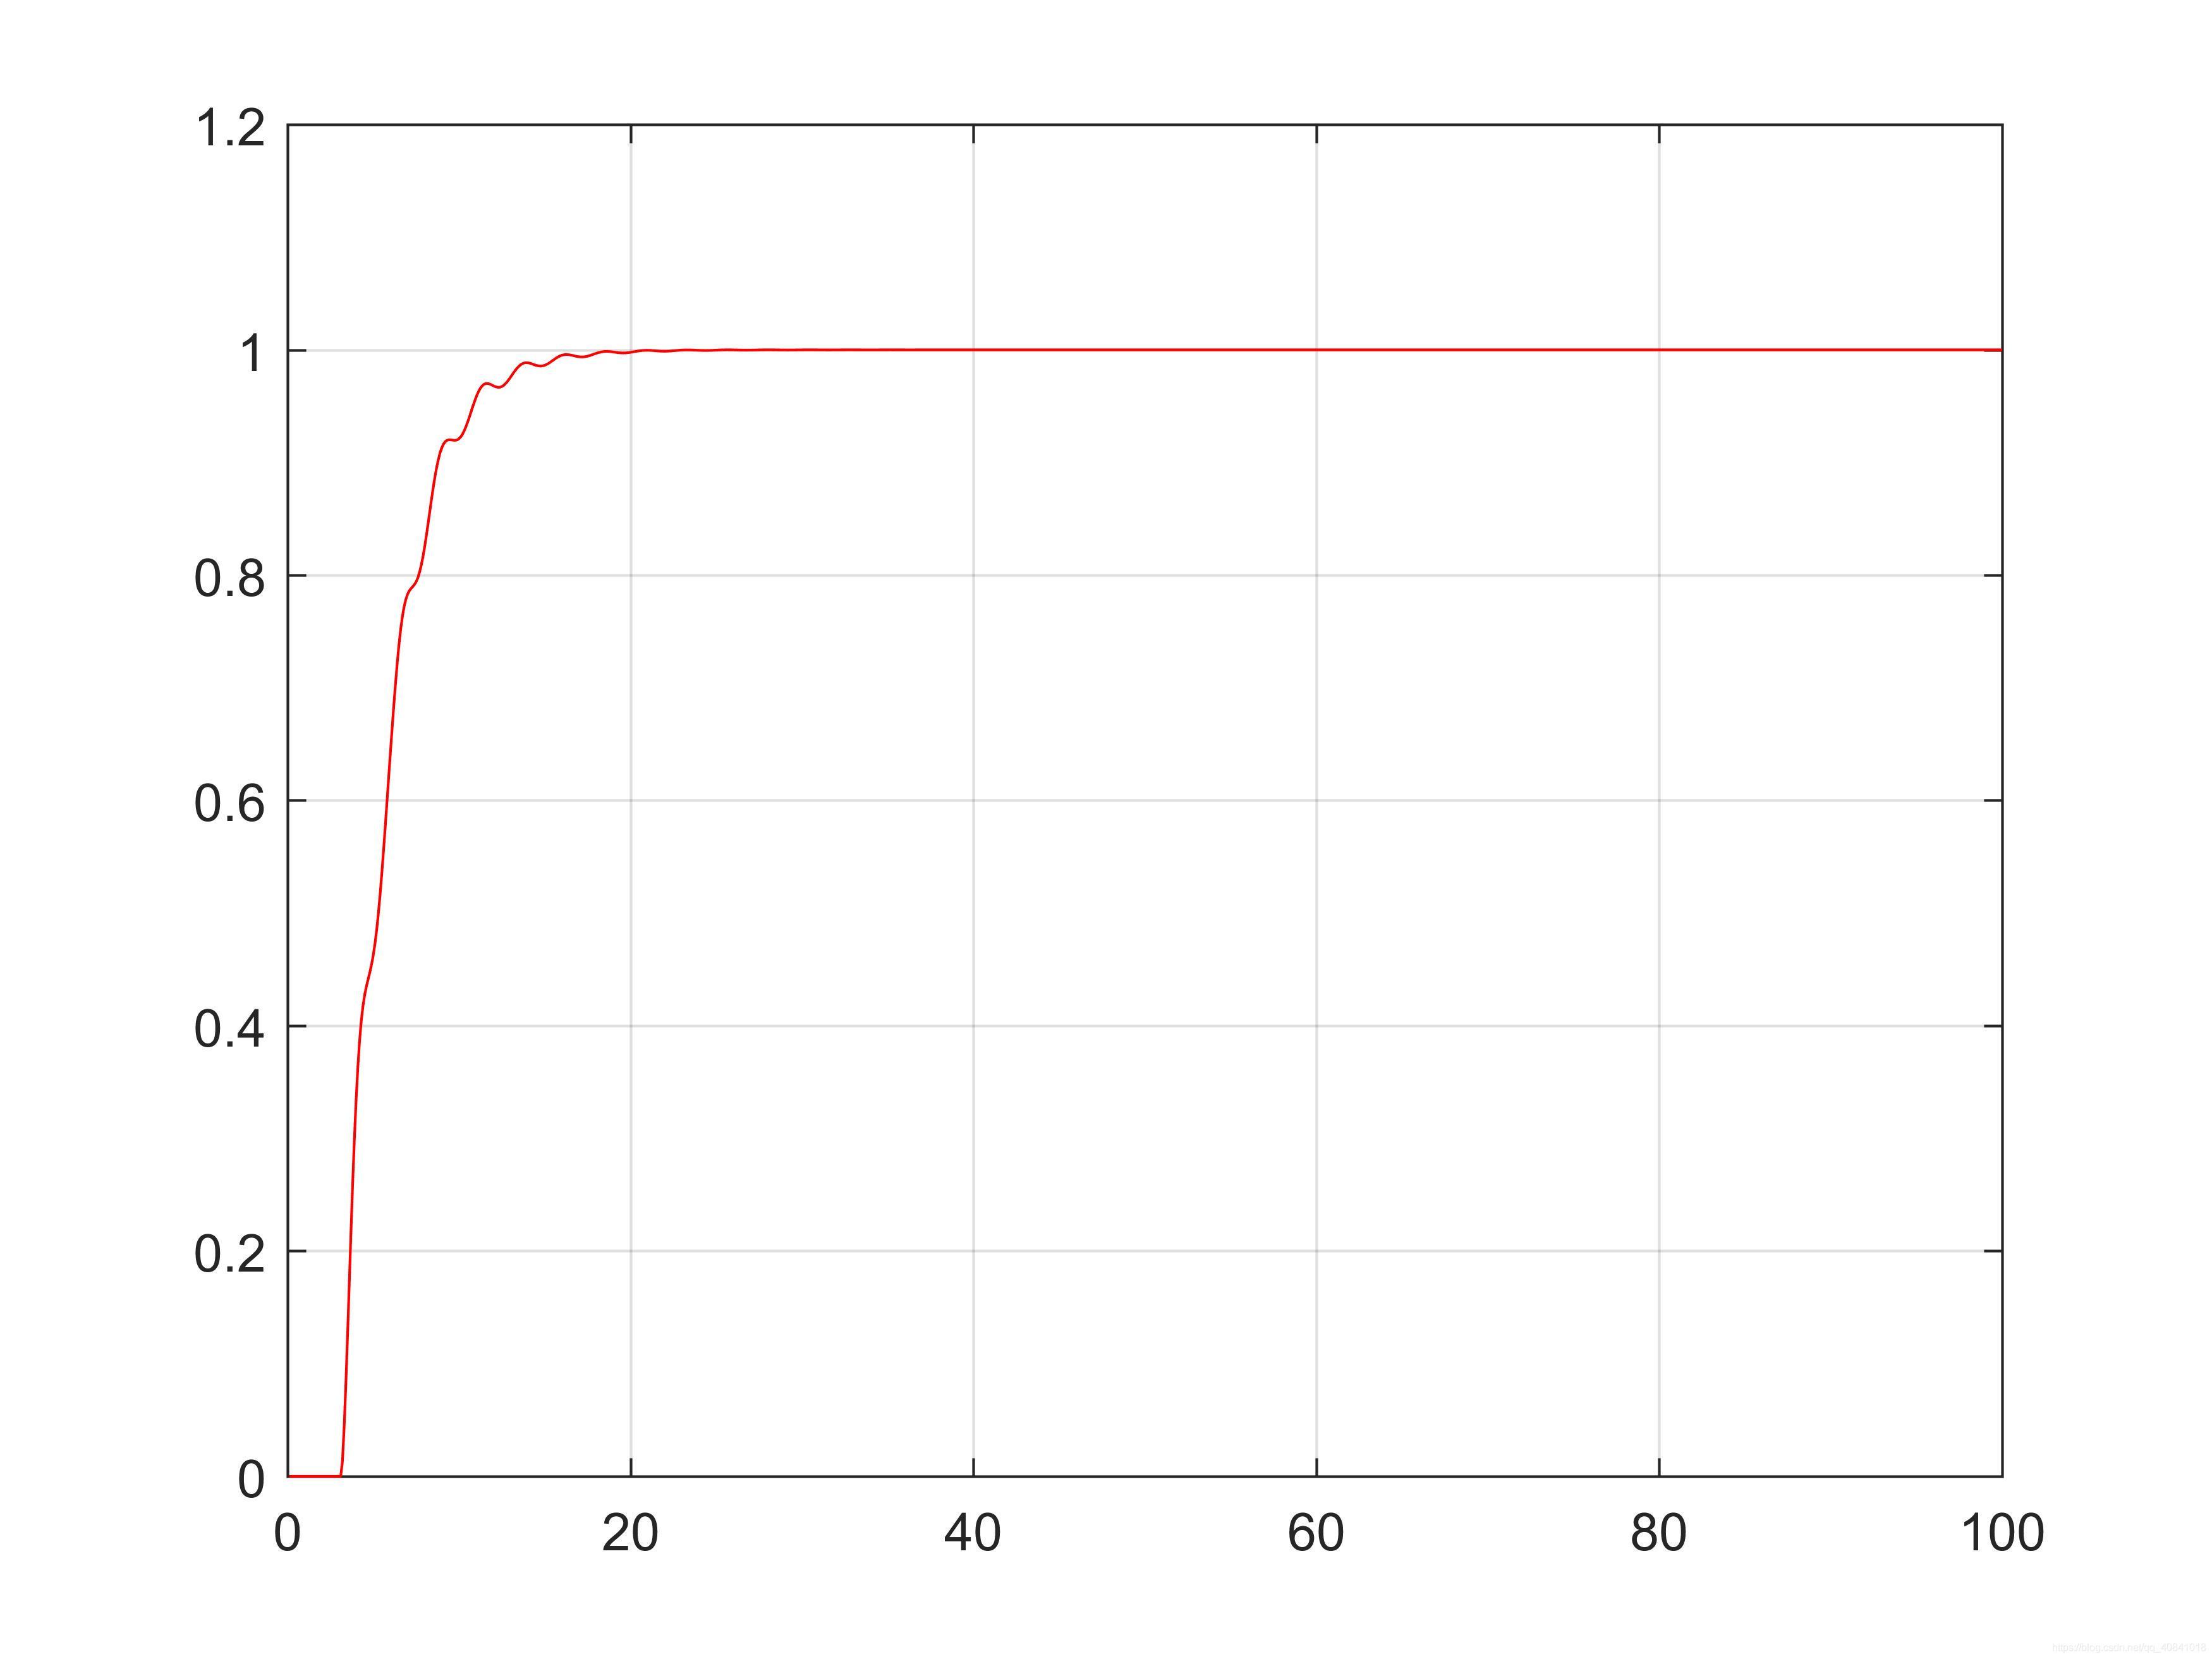 图6:经典PTD法仿真结果波形